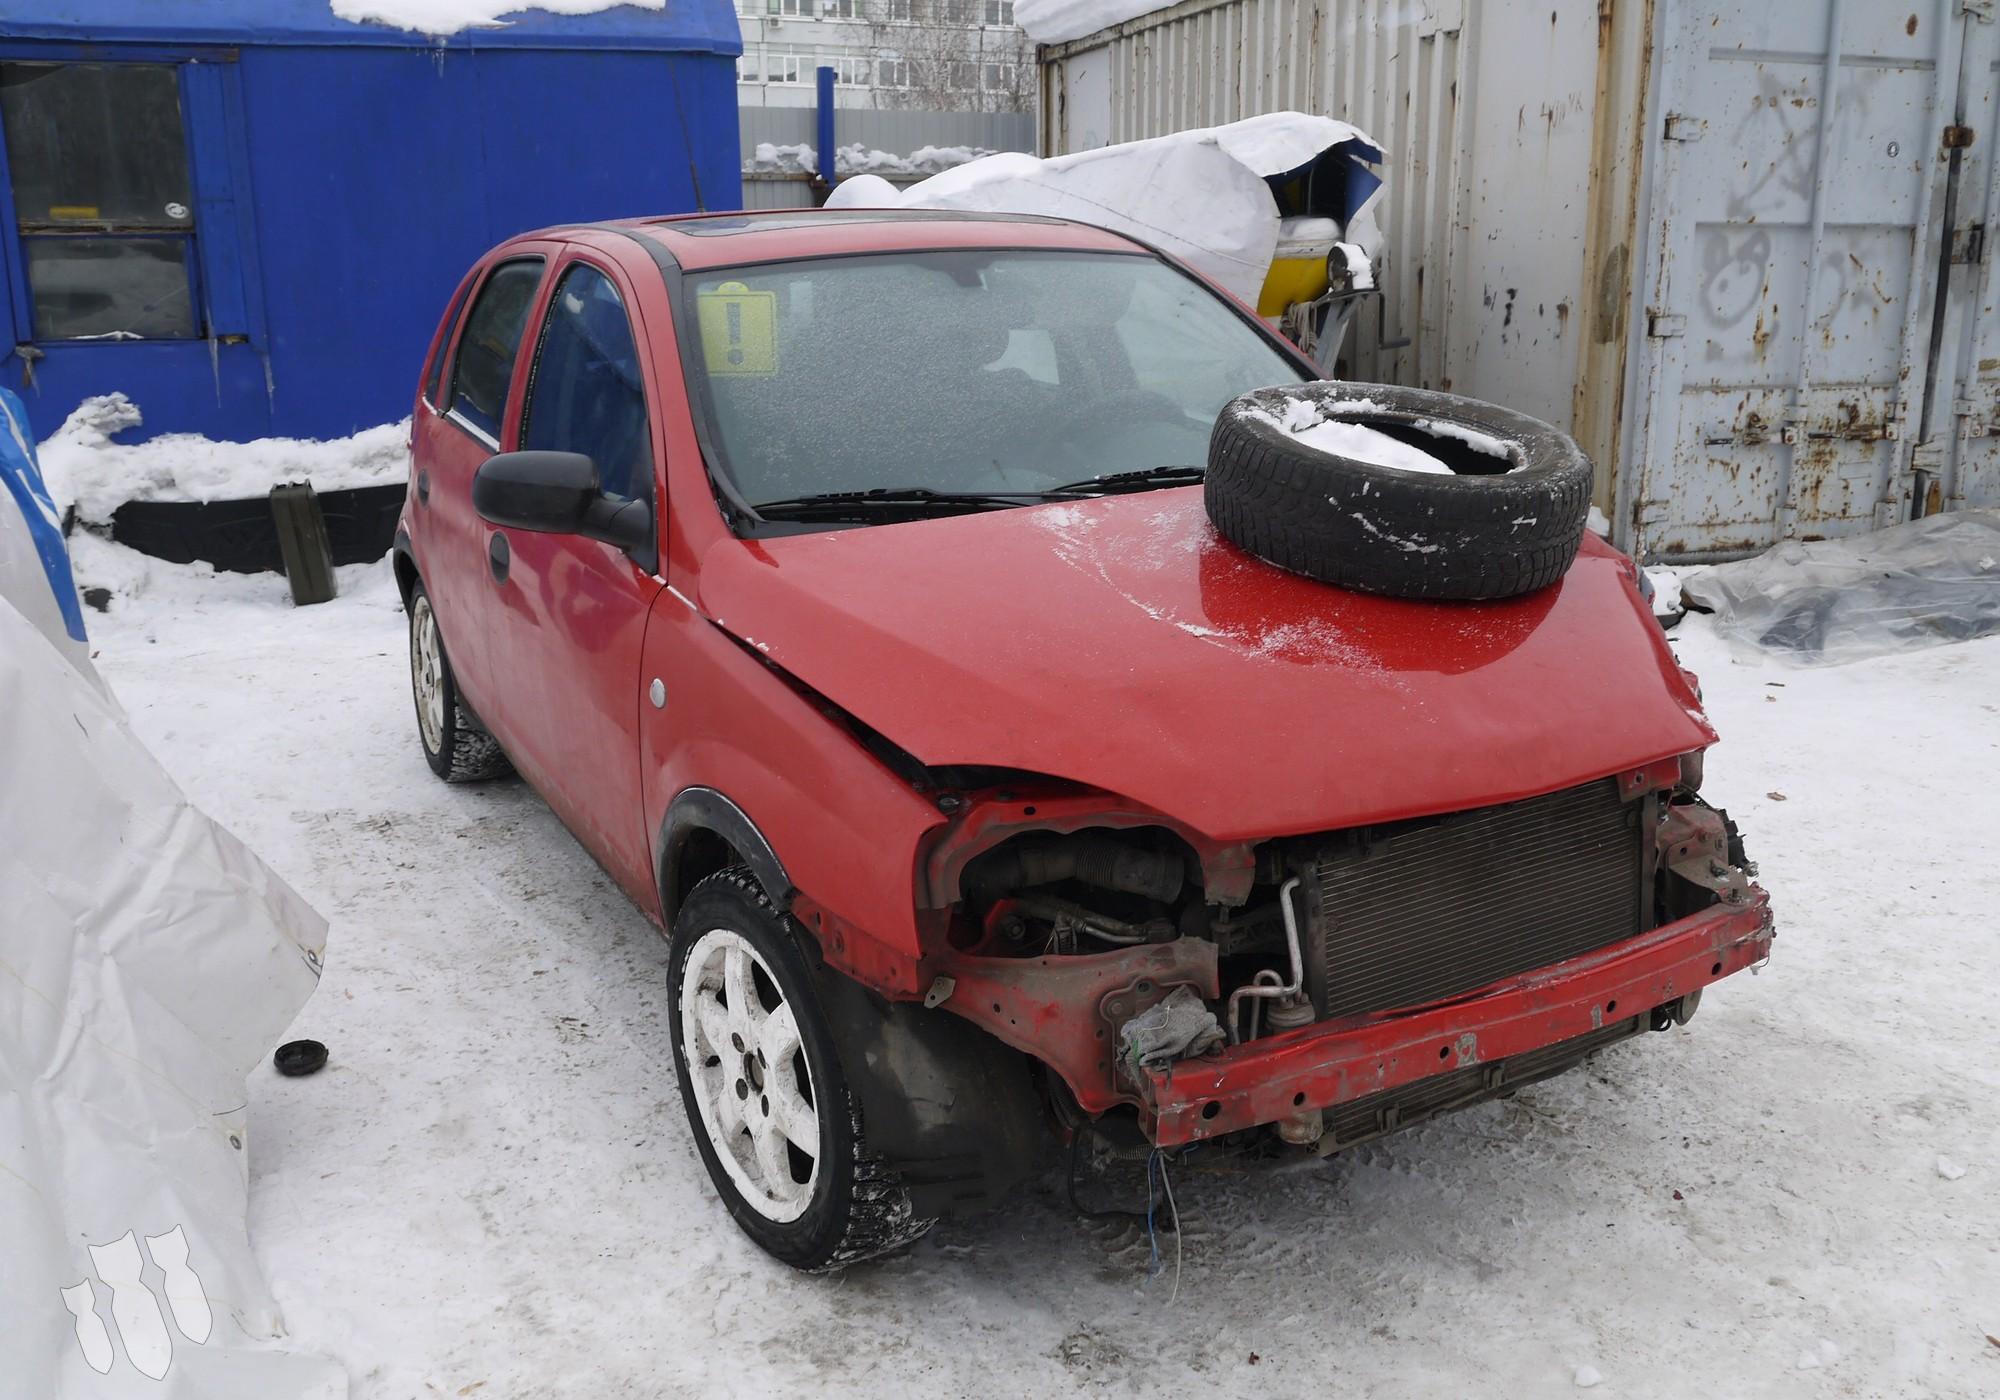 Opel Corsa C 2005 г. в разборе